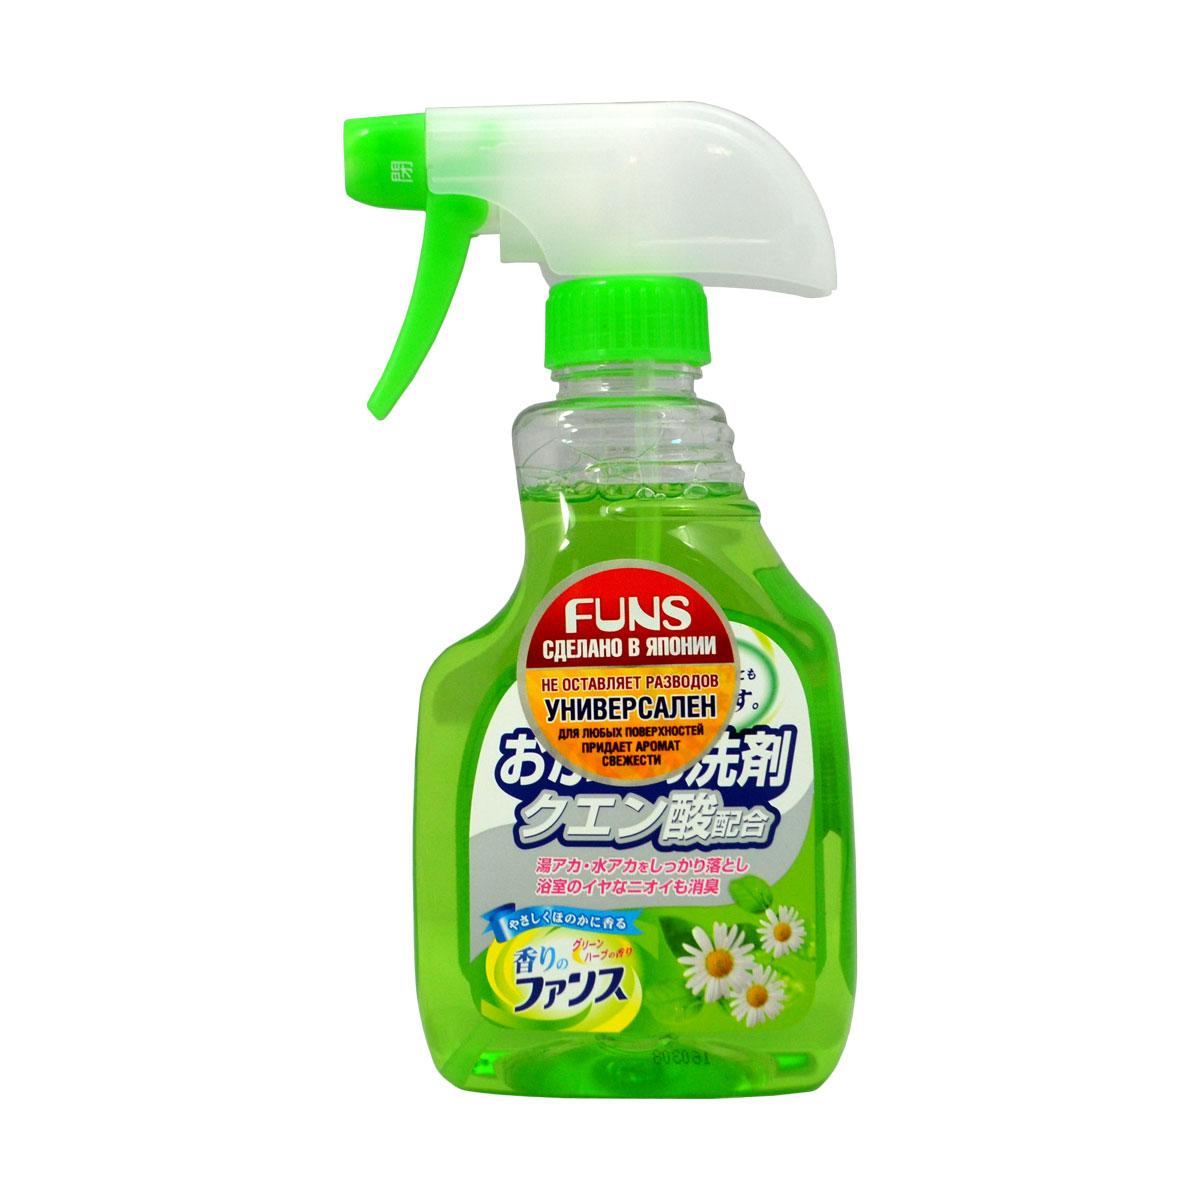 Спрей чистящий для ванной комнаты Funs, с ароматом свежей зелени, 400 мл7517Чистящее средство применяется для мытья ванн, душевых кабин, раковин, полов и стен ванных комнат. Полностью уничтожает неприятные запахи, а лимонная кислота, входящая в состав моющего средства, эффективно устраняет известковый налет. Прекрасно подходит для пластиковых, стеклянных и акриловых поверхностей. Изготовлено из растительного сырья с использованием натурального экстракта свежей зелени. Способ применения: поверните носик распылителя в любую сторону на пол оборота. Загрязнённое место намочите водой и обработайте моющим средством либо непосредственно, либо с помощью губки. Затем смойте водой. В случае сильного загрязнения эффект наступает после 2-3 минут обработки. После применения средства пена быстро спадает и легко смывается, оставляя легкий аромат свежей зелени. Норма расхода: 9 нажатий на 1 кв.м.